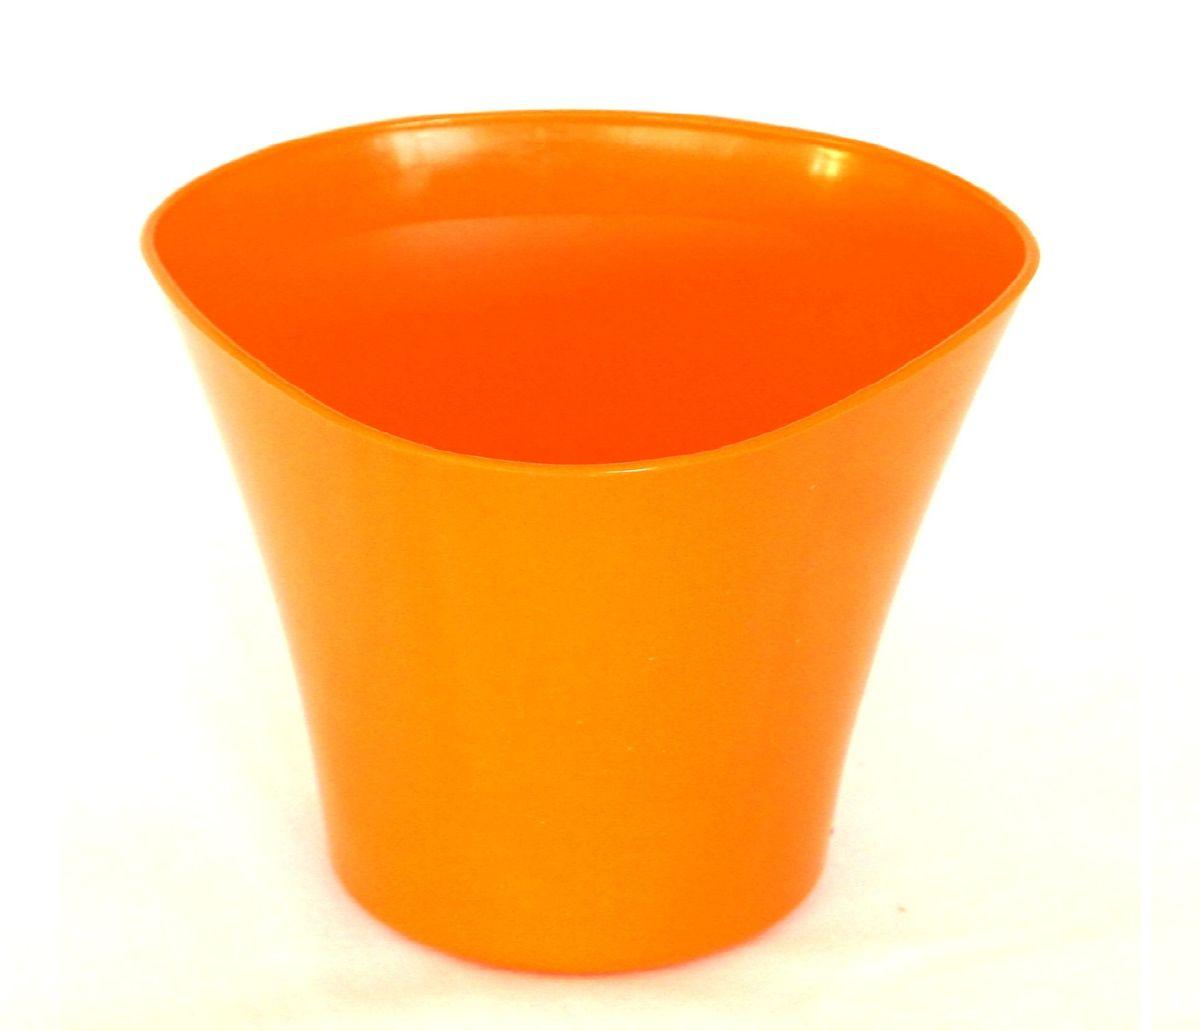 Кашпо JetPlast Волна, цвет: оранжевый, 600 мл531-101Кашпо Волна имеет уникальную форму, сочетающуюся как с классическим, так и с современным дизайном интерьера. Оно изготовлено из прочного полипропилена (пластика) и предназначено для выращивания растений, цветов и трав в домашних условиях. Такое кашпо порадует вас функциональностью, а благодаря лаконичному дизайну впишется в любой интерьер помещения. Объем кашпо: 600 мл.